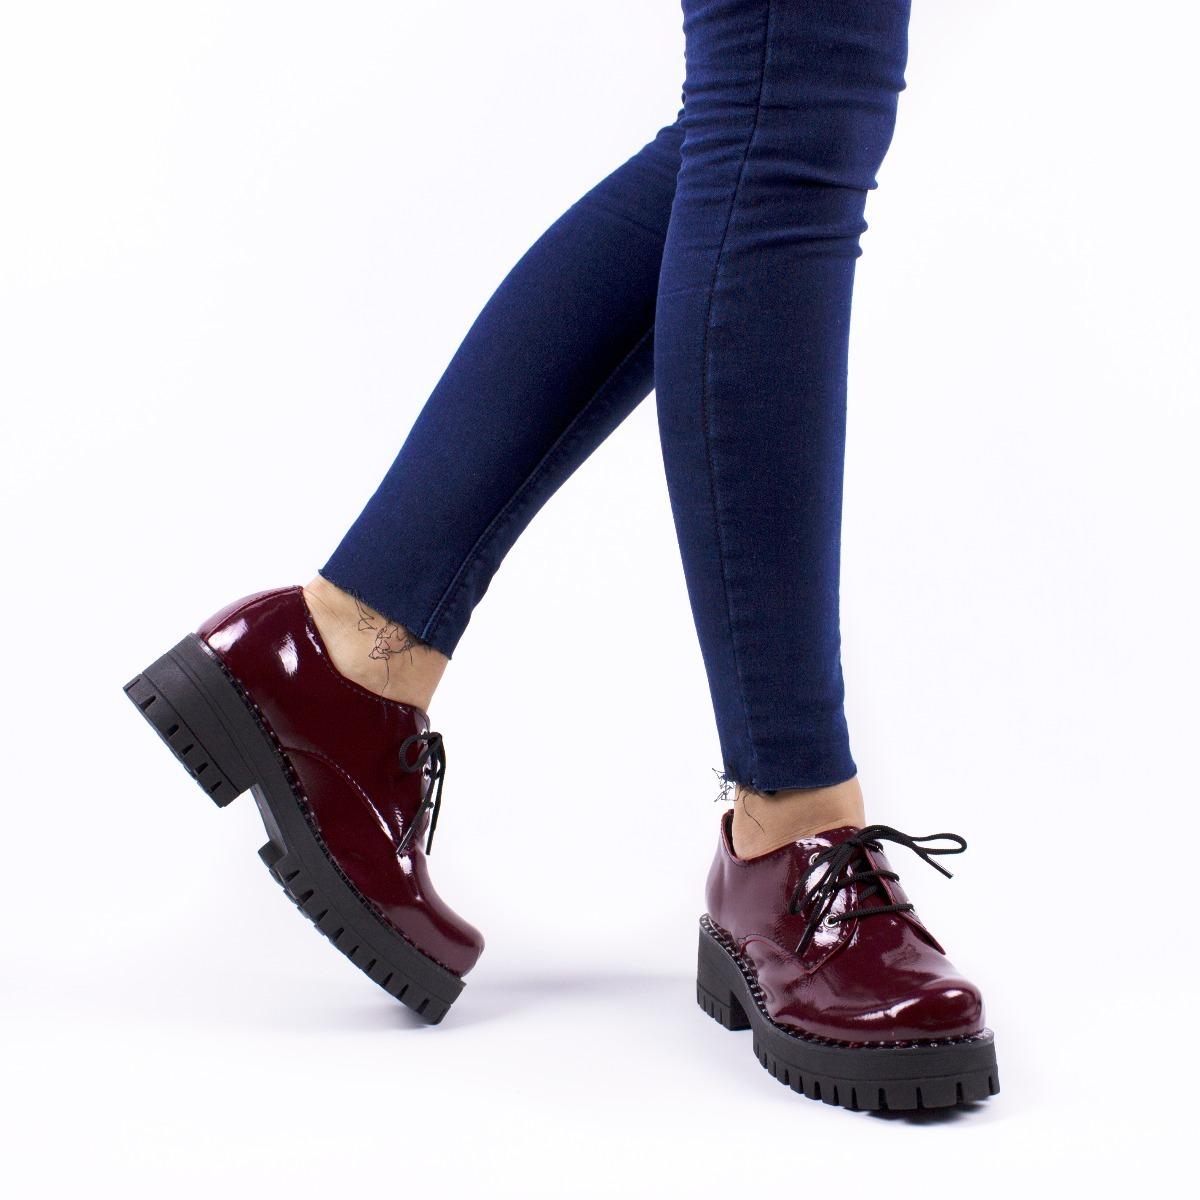 23d8d1bde4 zapatos mujer plataforma nuevos charol invierno 2018. Cargando zoom.